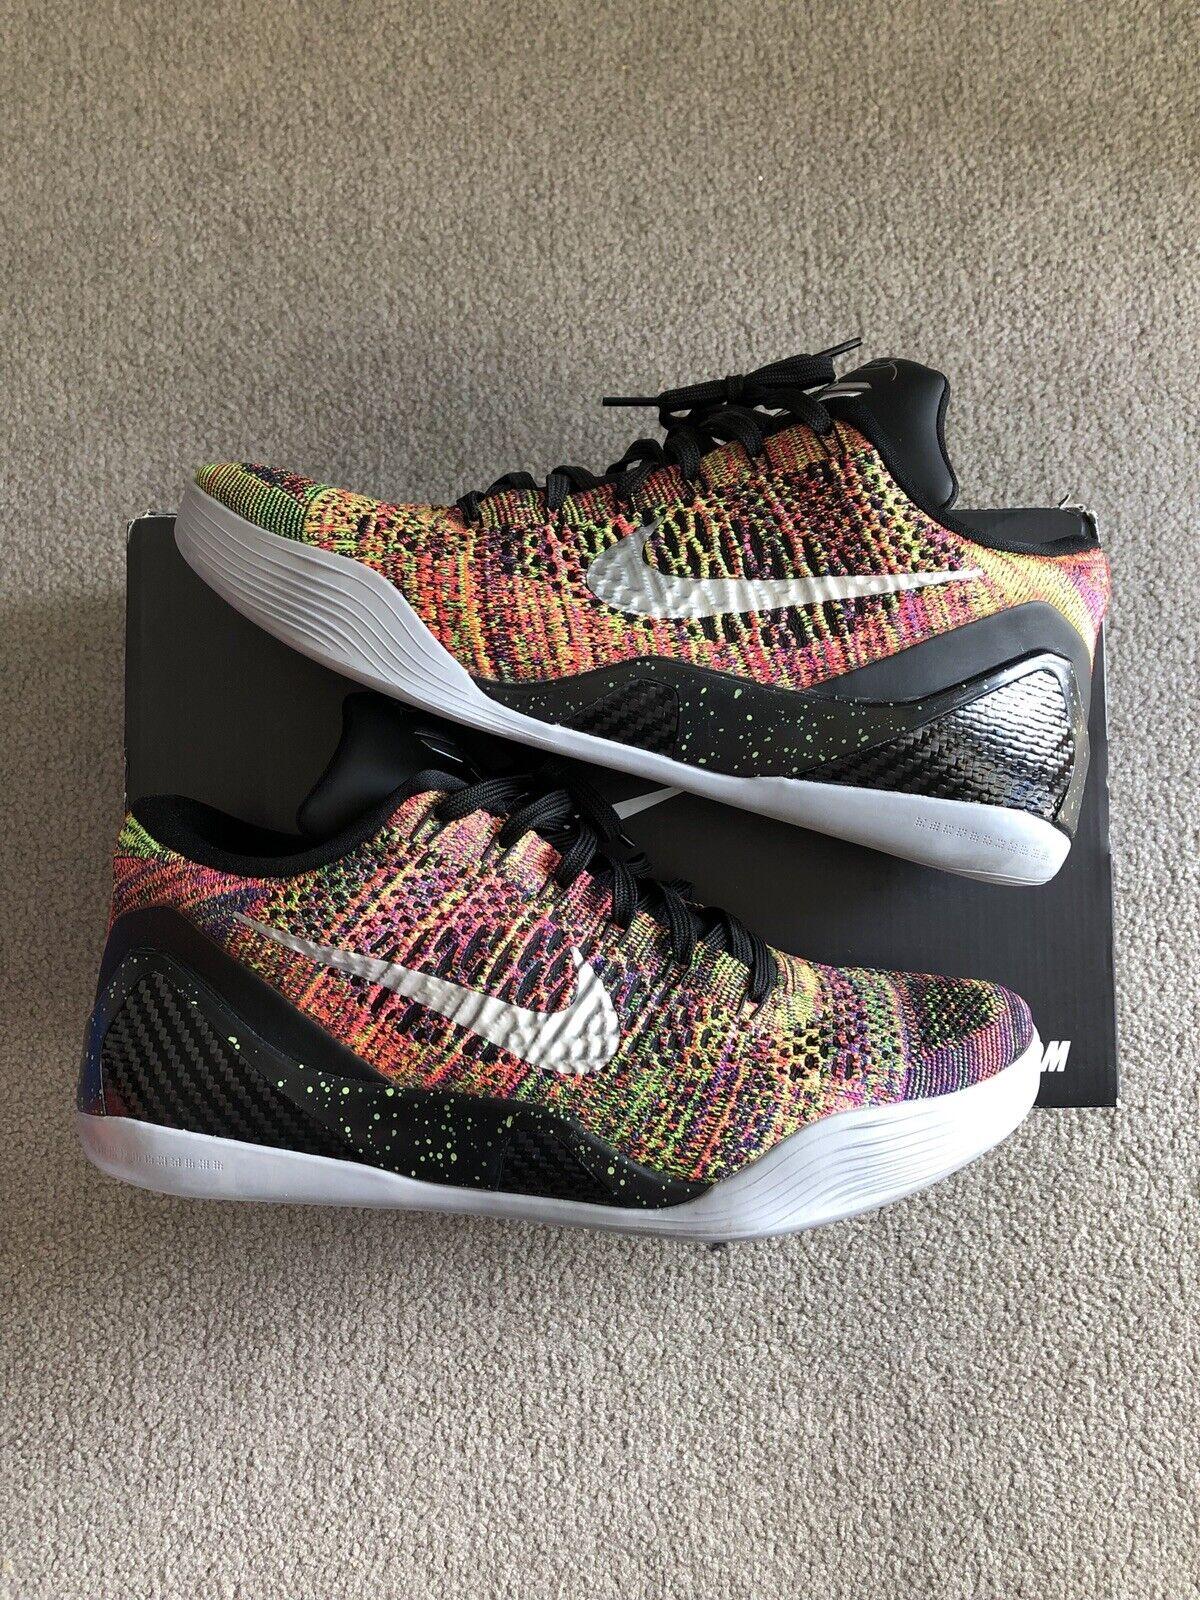 Nike kobe 9 elite low multicolor ID size 11.5